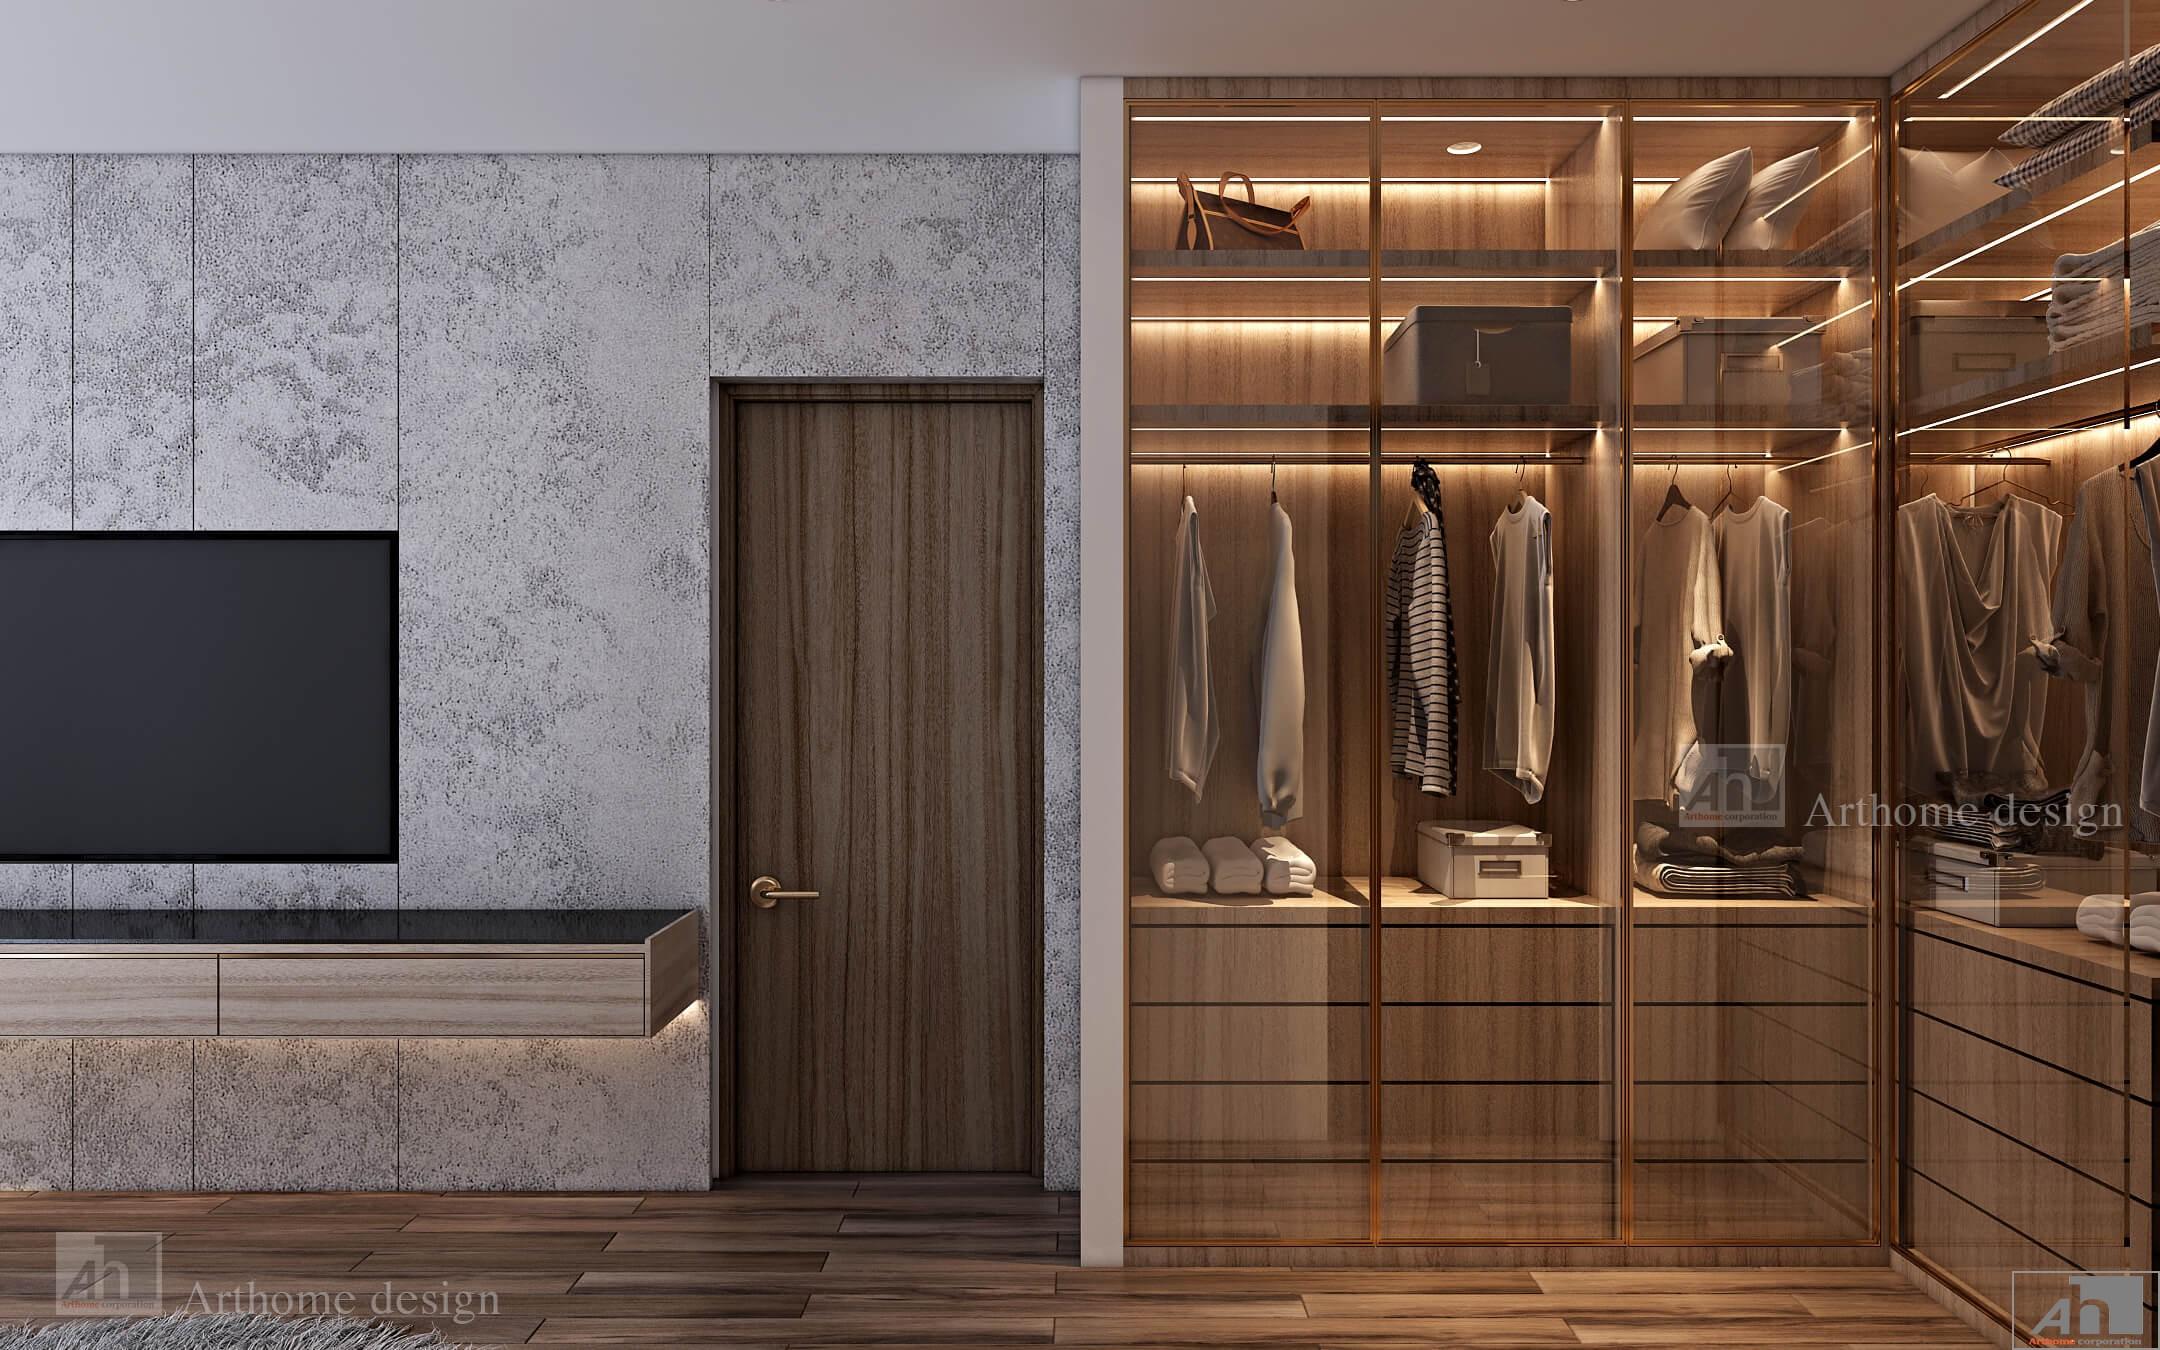 thiết kế nội thất căn hộ cao cấp MIDTOWN THE PEAKa